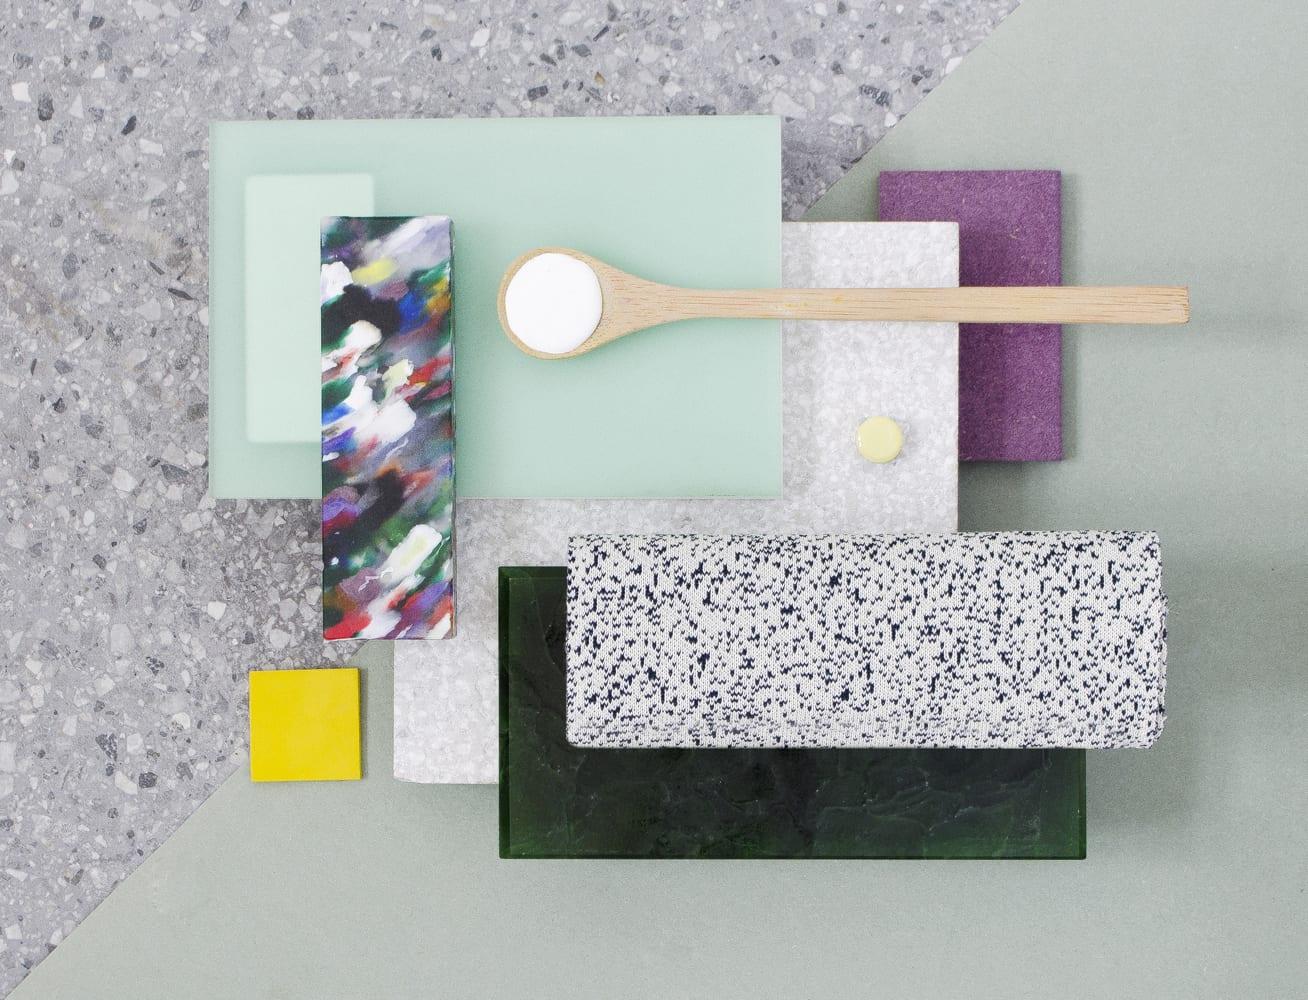 Scopri il valore dell'armocromia nell'arredamento con 3 progetti firmati Biancorosso